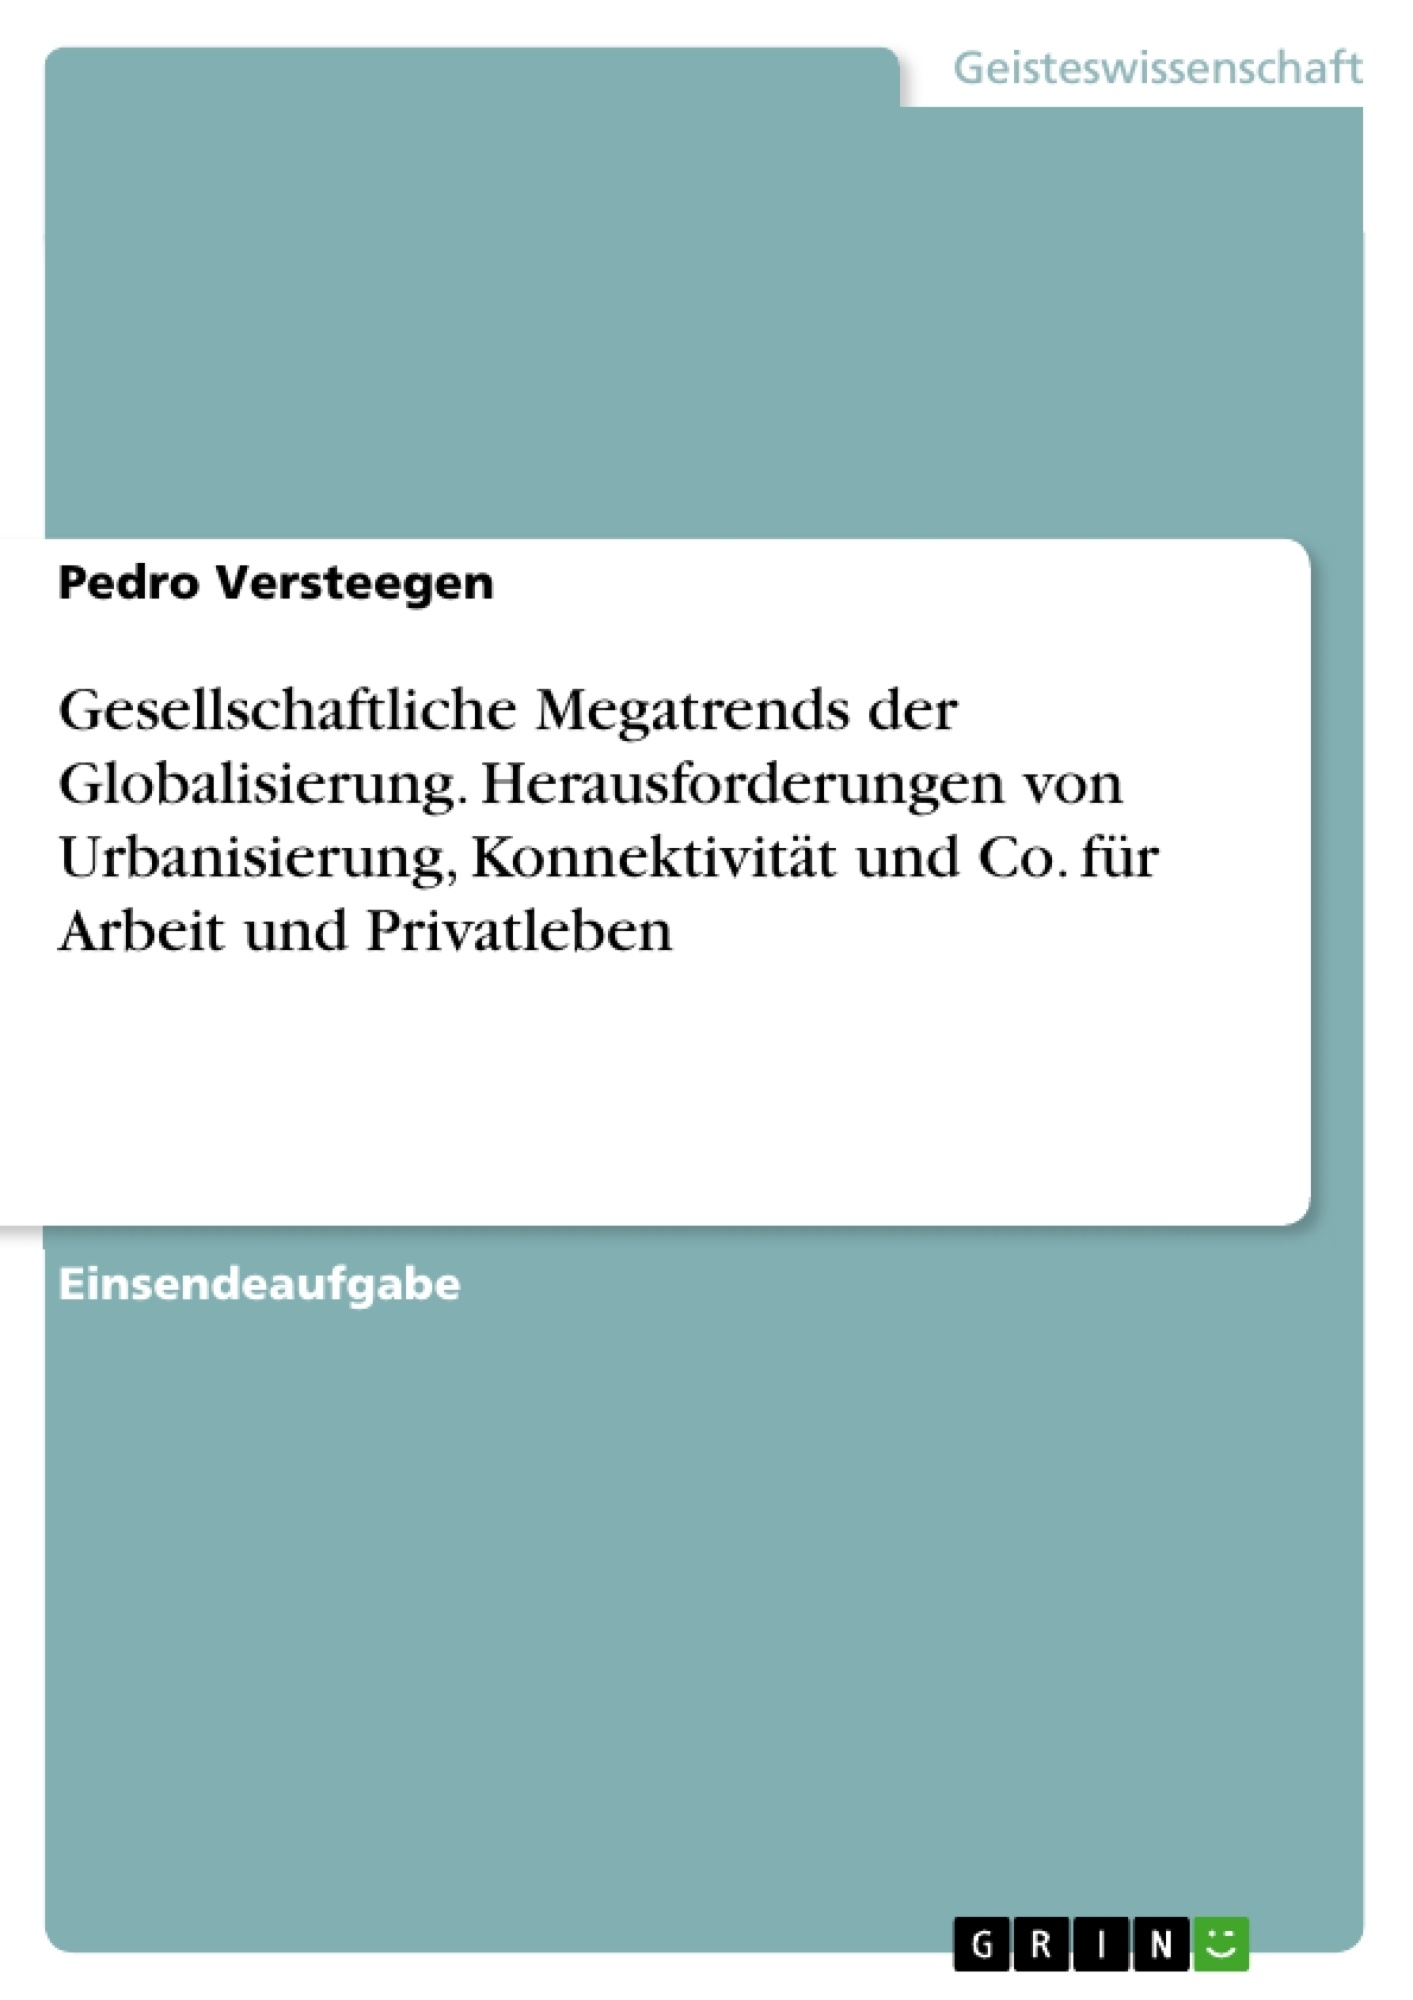 Titel: Gesellschaftliche Megatrends der Globalisierung. Herausforderungen von Urbanisierung, Konnektivität und Co. für Arbeit und Privatleben